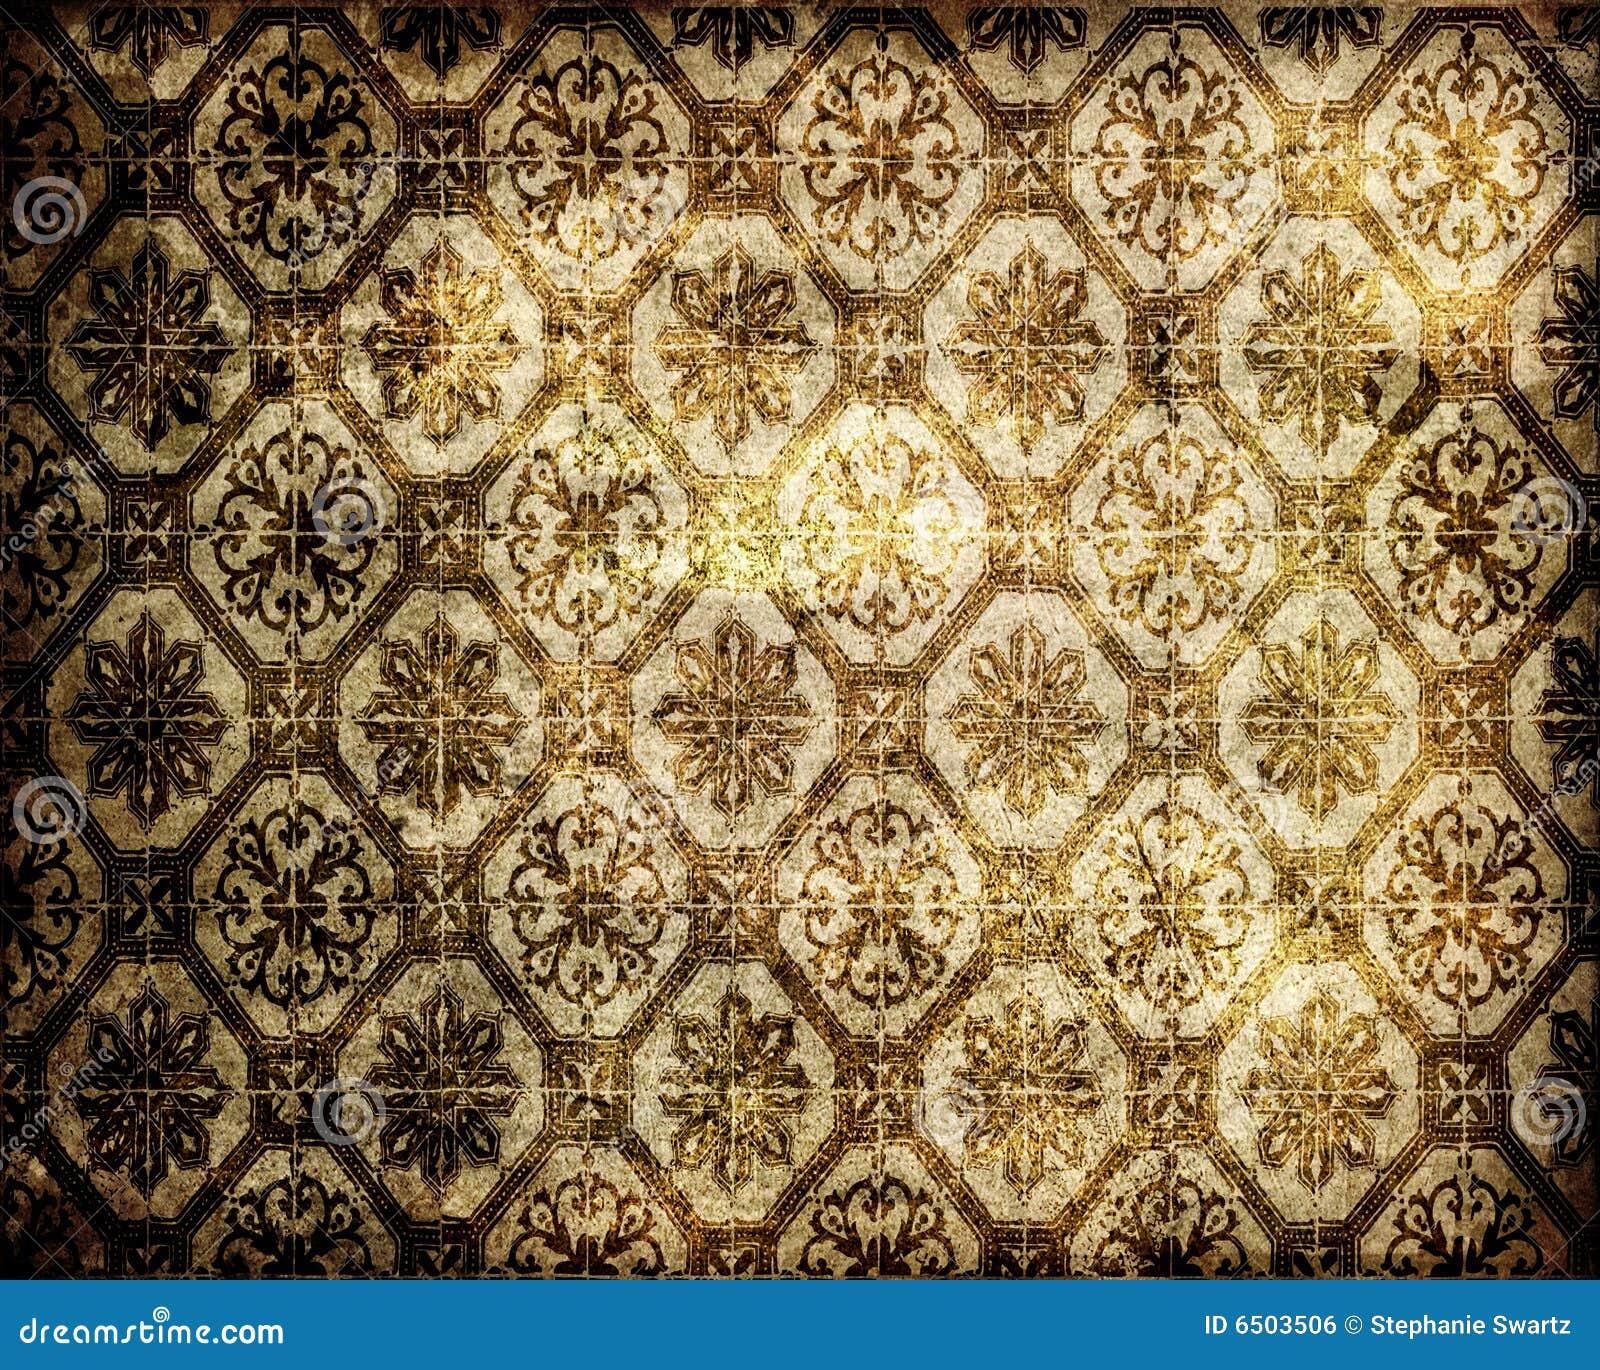 grungy viktorianische tapete 6503506 - Viktorianische Tapete